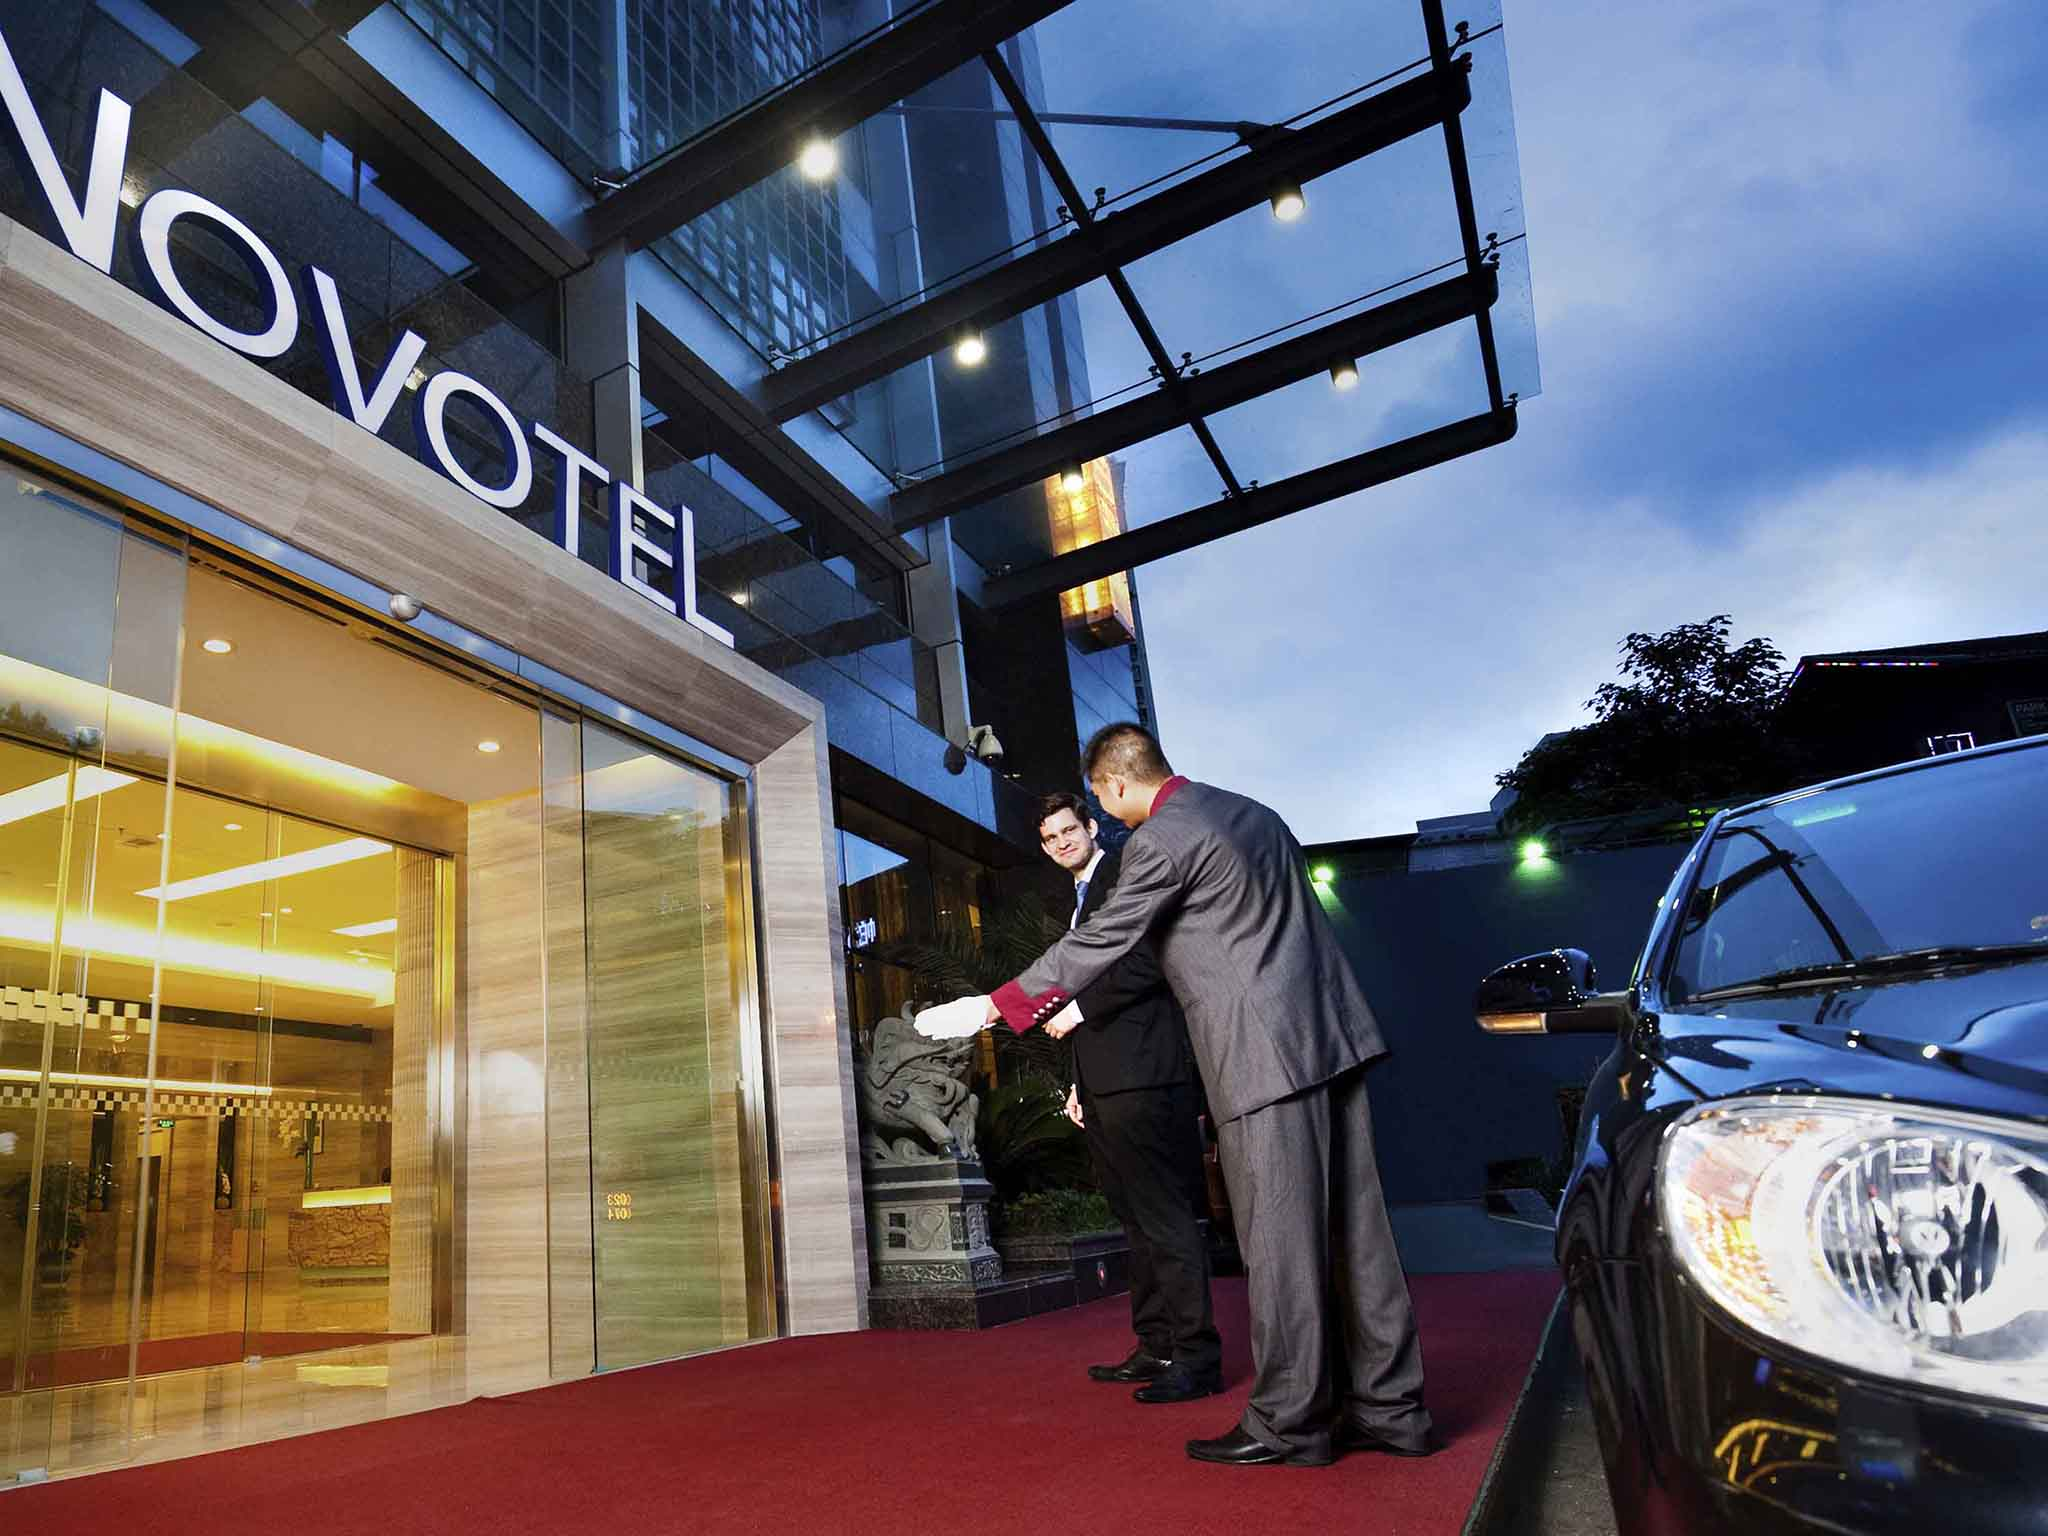 Hotel – Novotel Guiyang Downtown